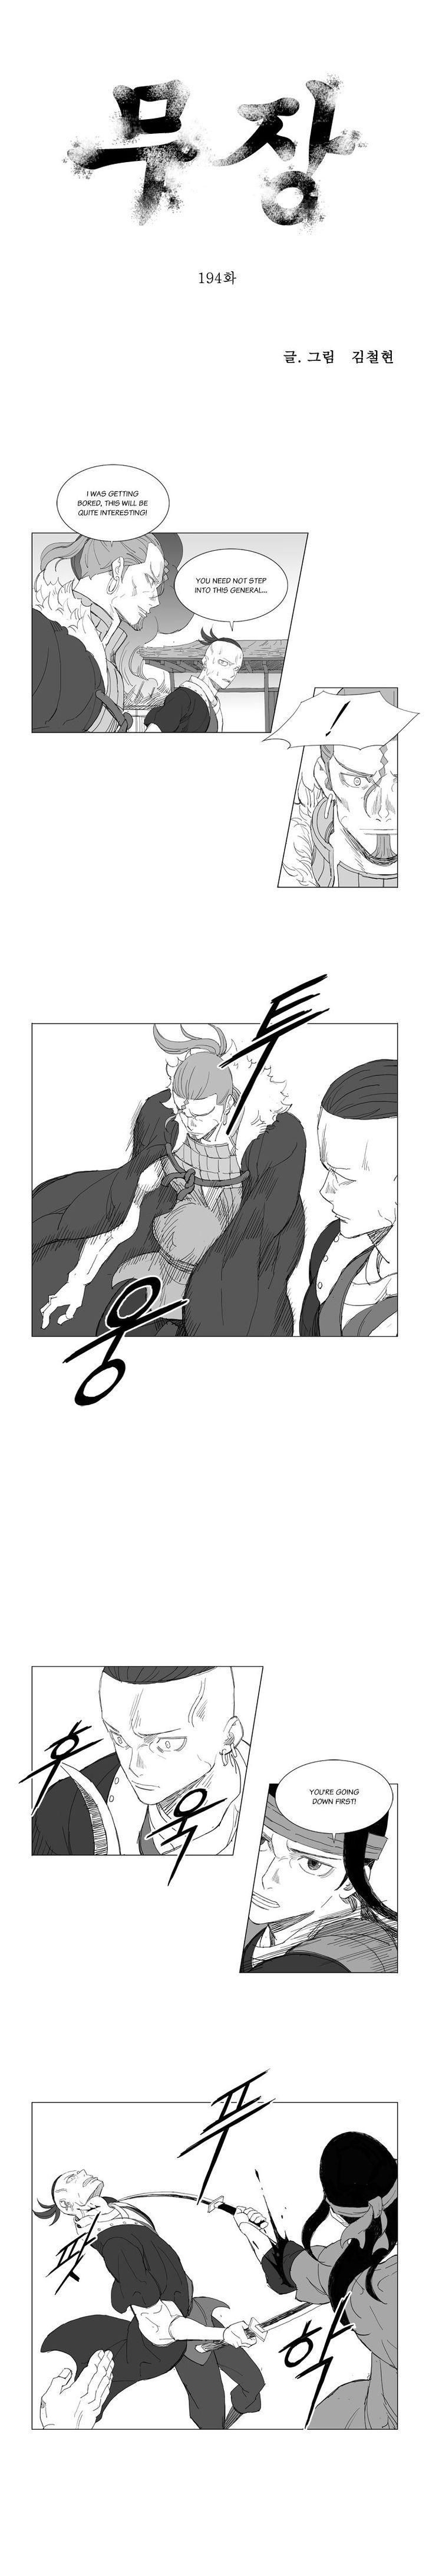 Mujang - Chapter 195